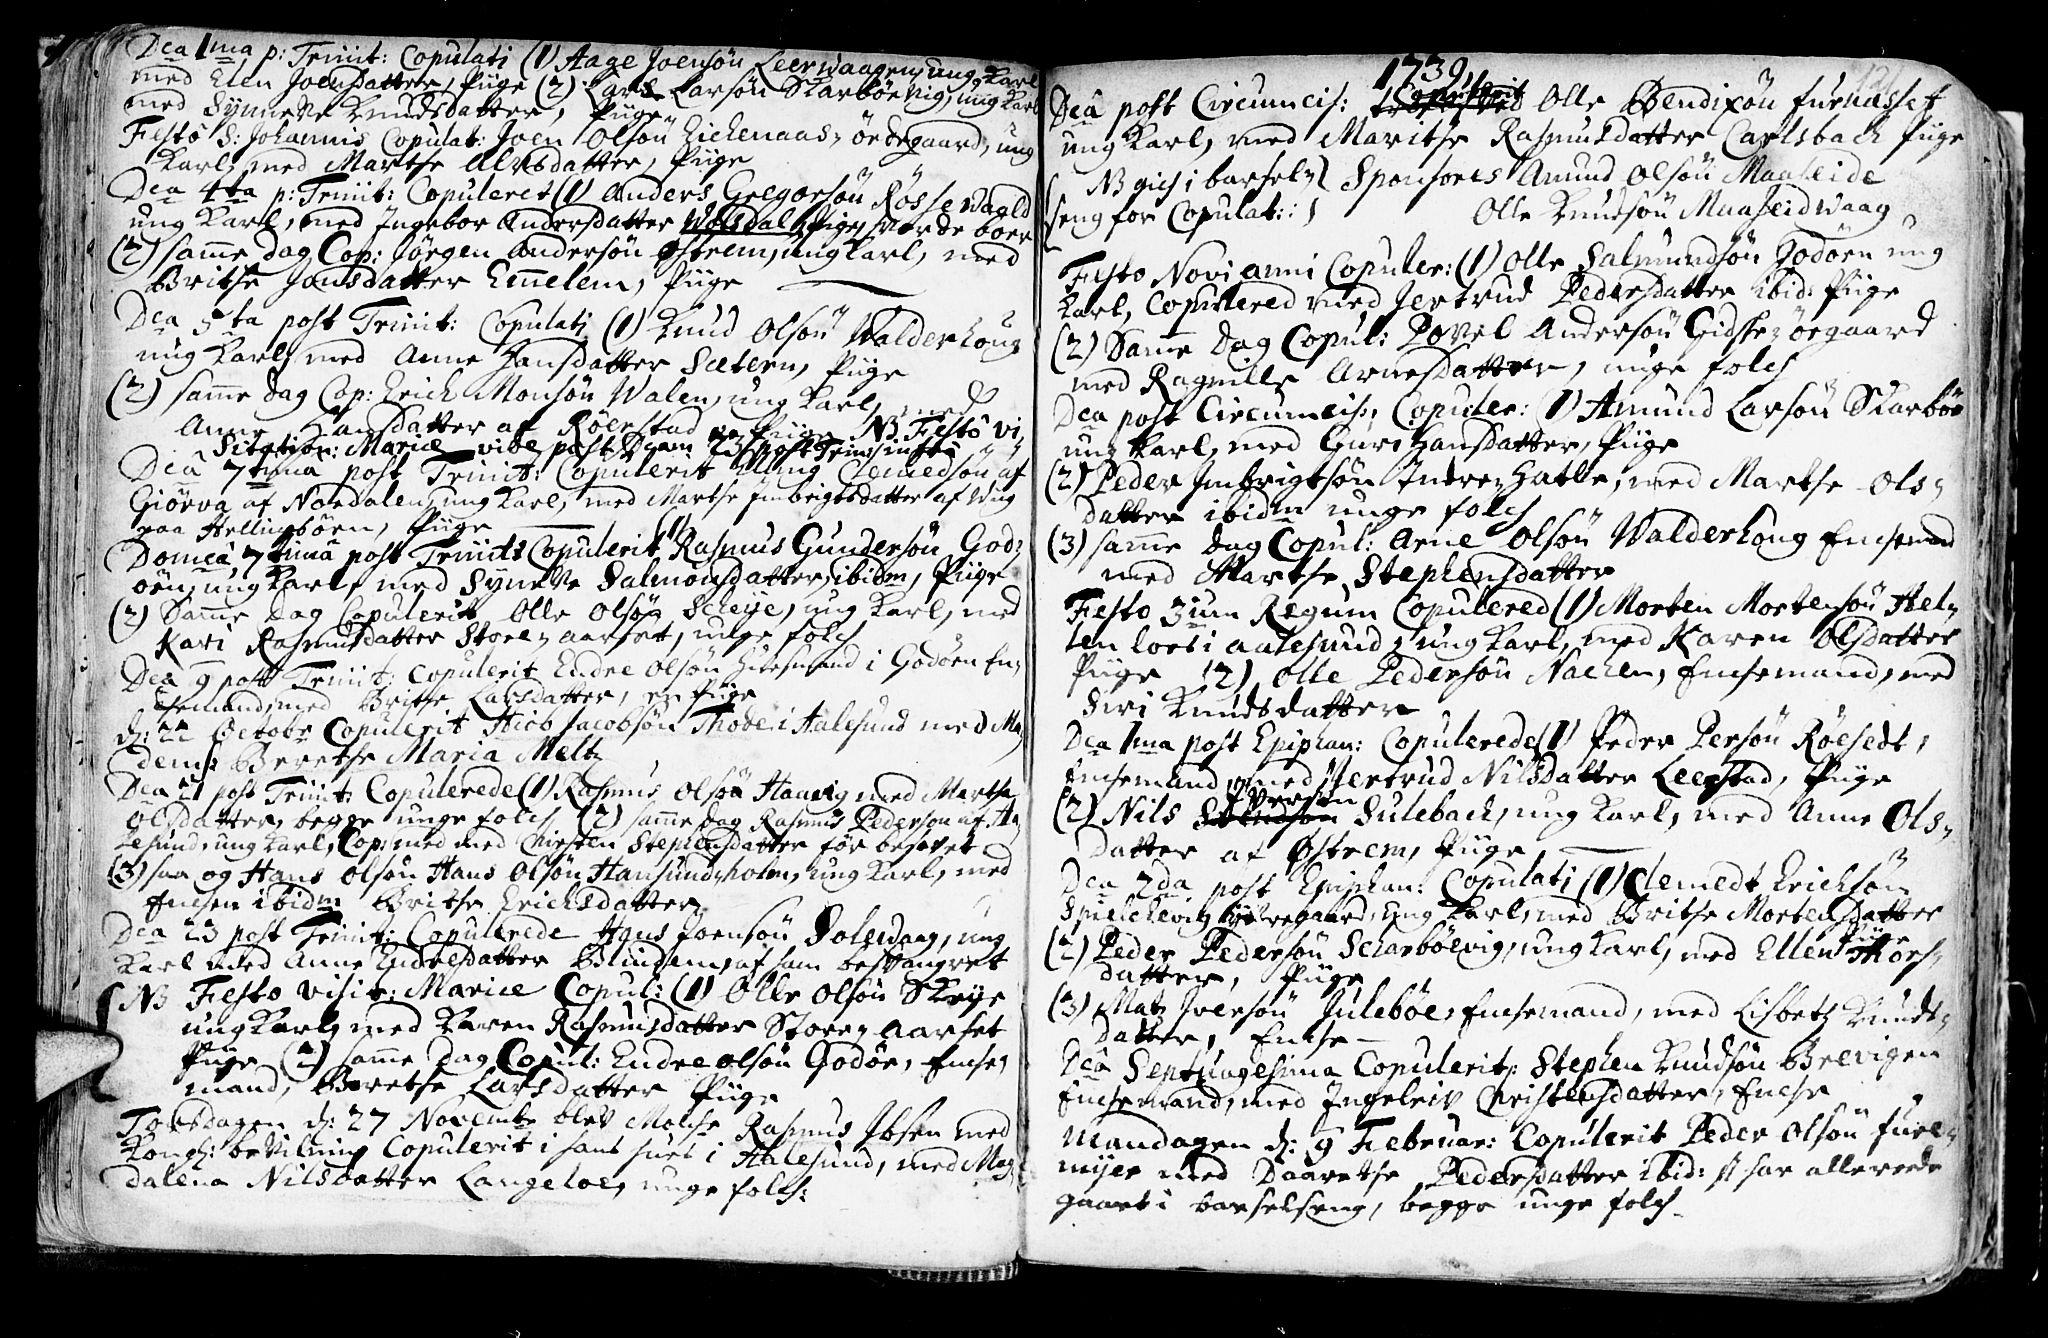 SAT, Ministerialprotokoller, klokkerbøker og fødselsregistre - Møre og Romsdal, 528/L0390: Ministerialbok nr. 528A01, 1698-1739, s. 120-121